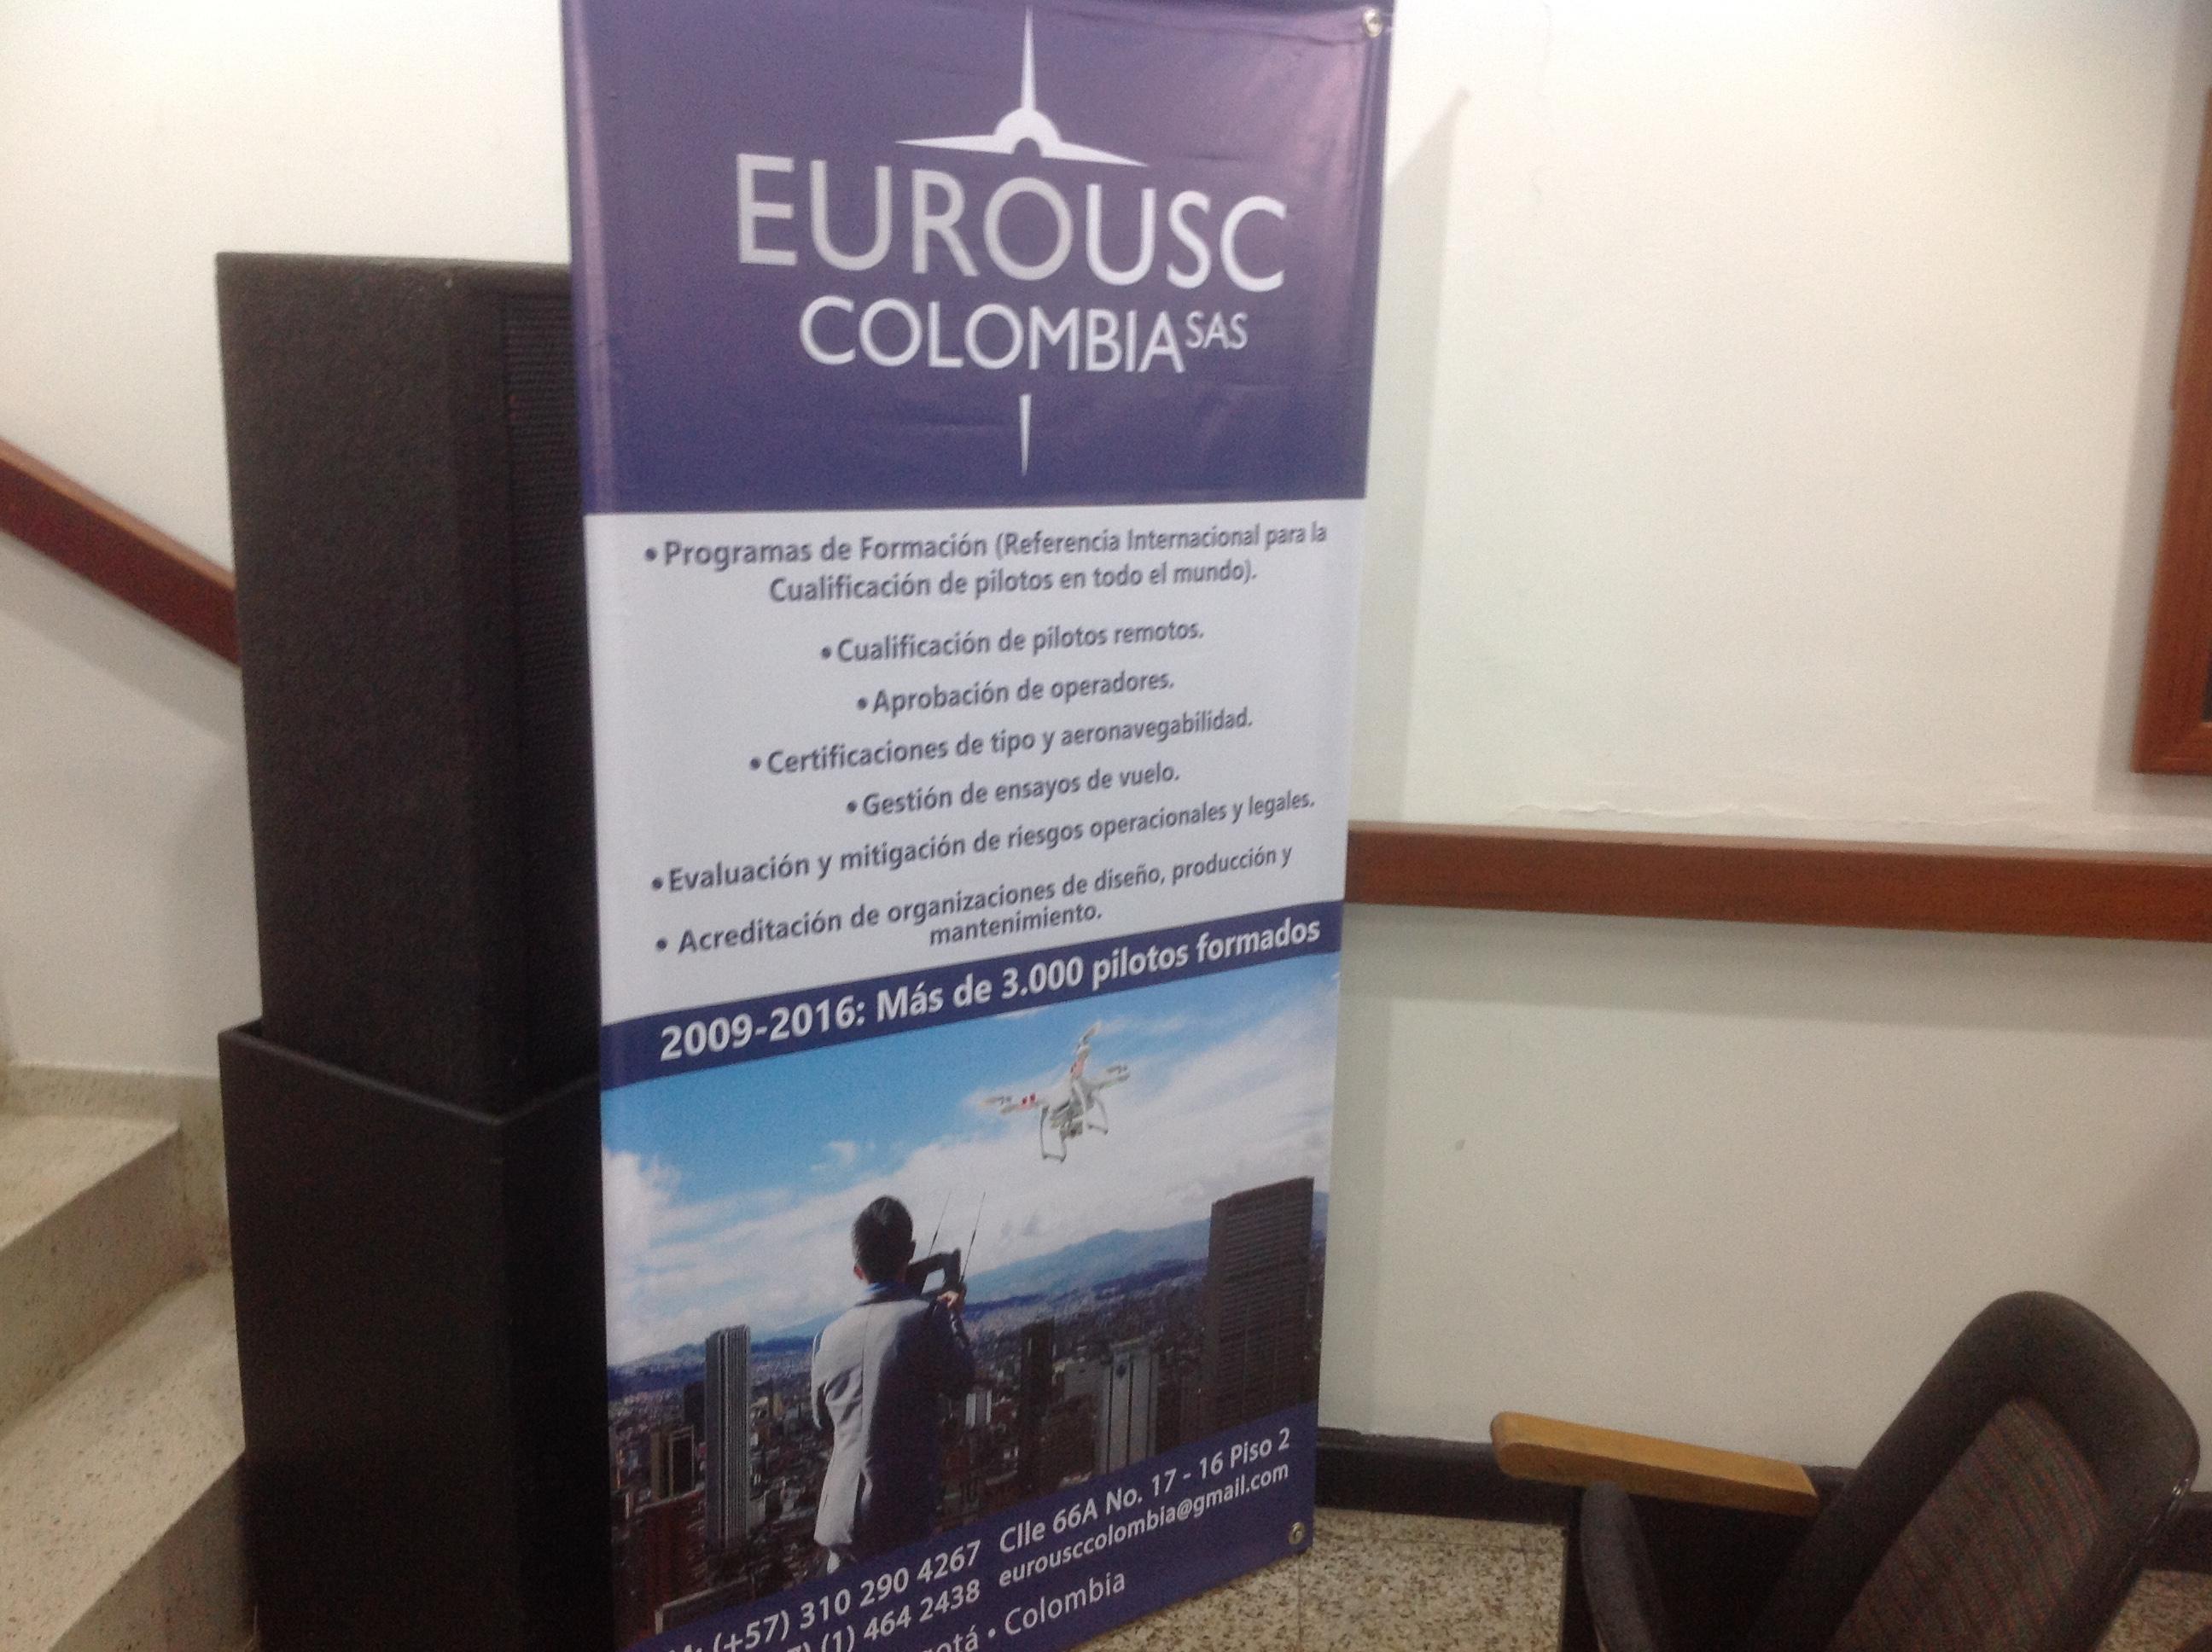 EuroUSC